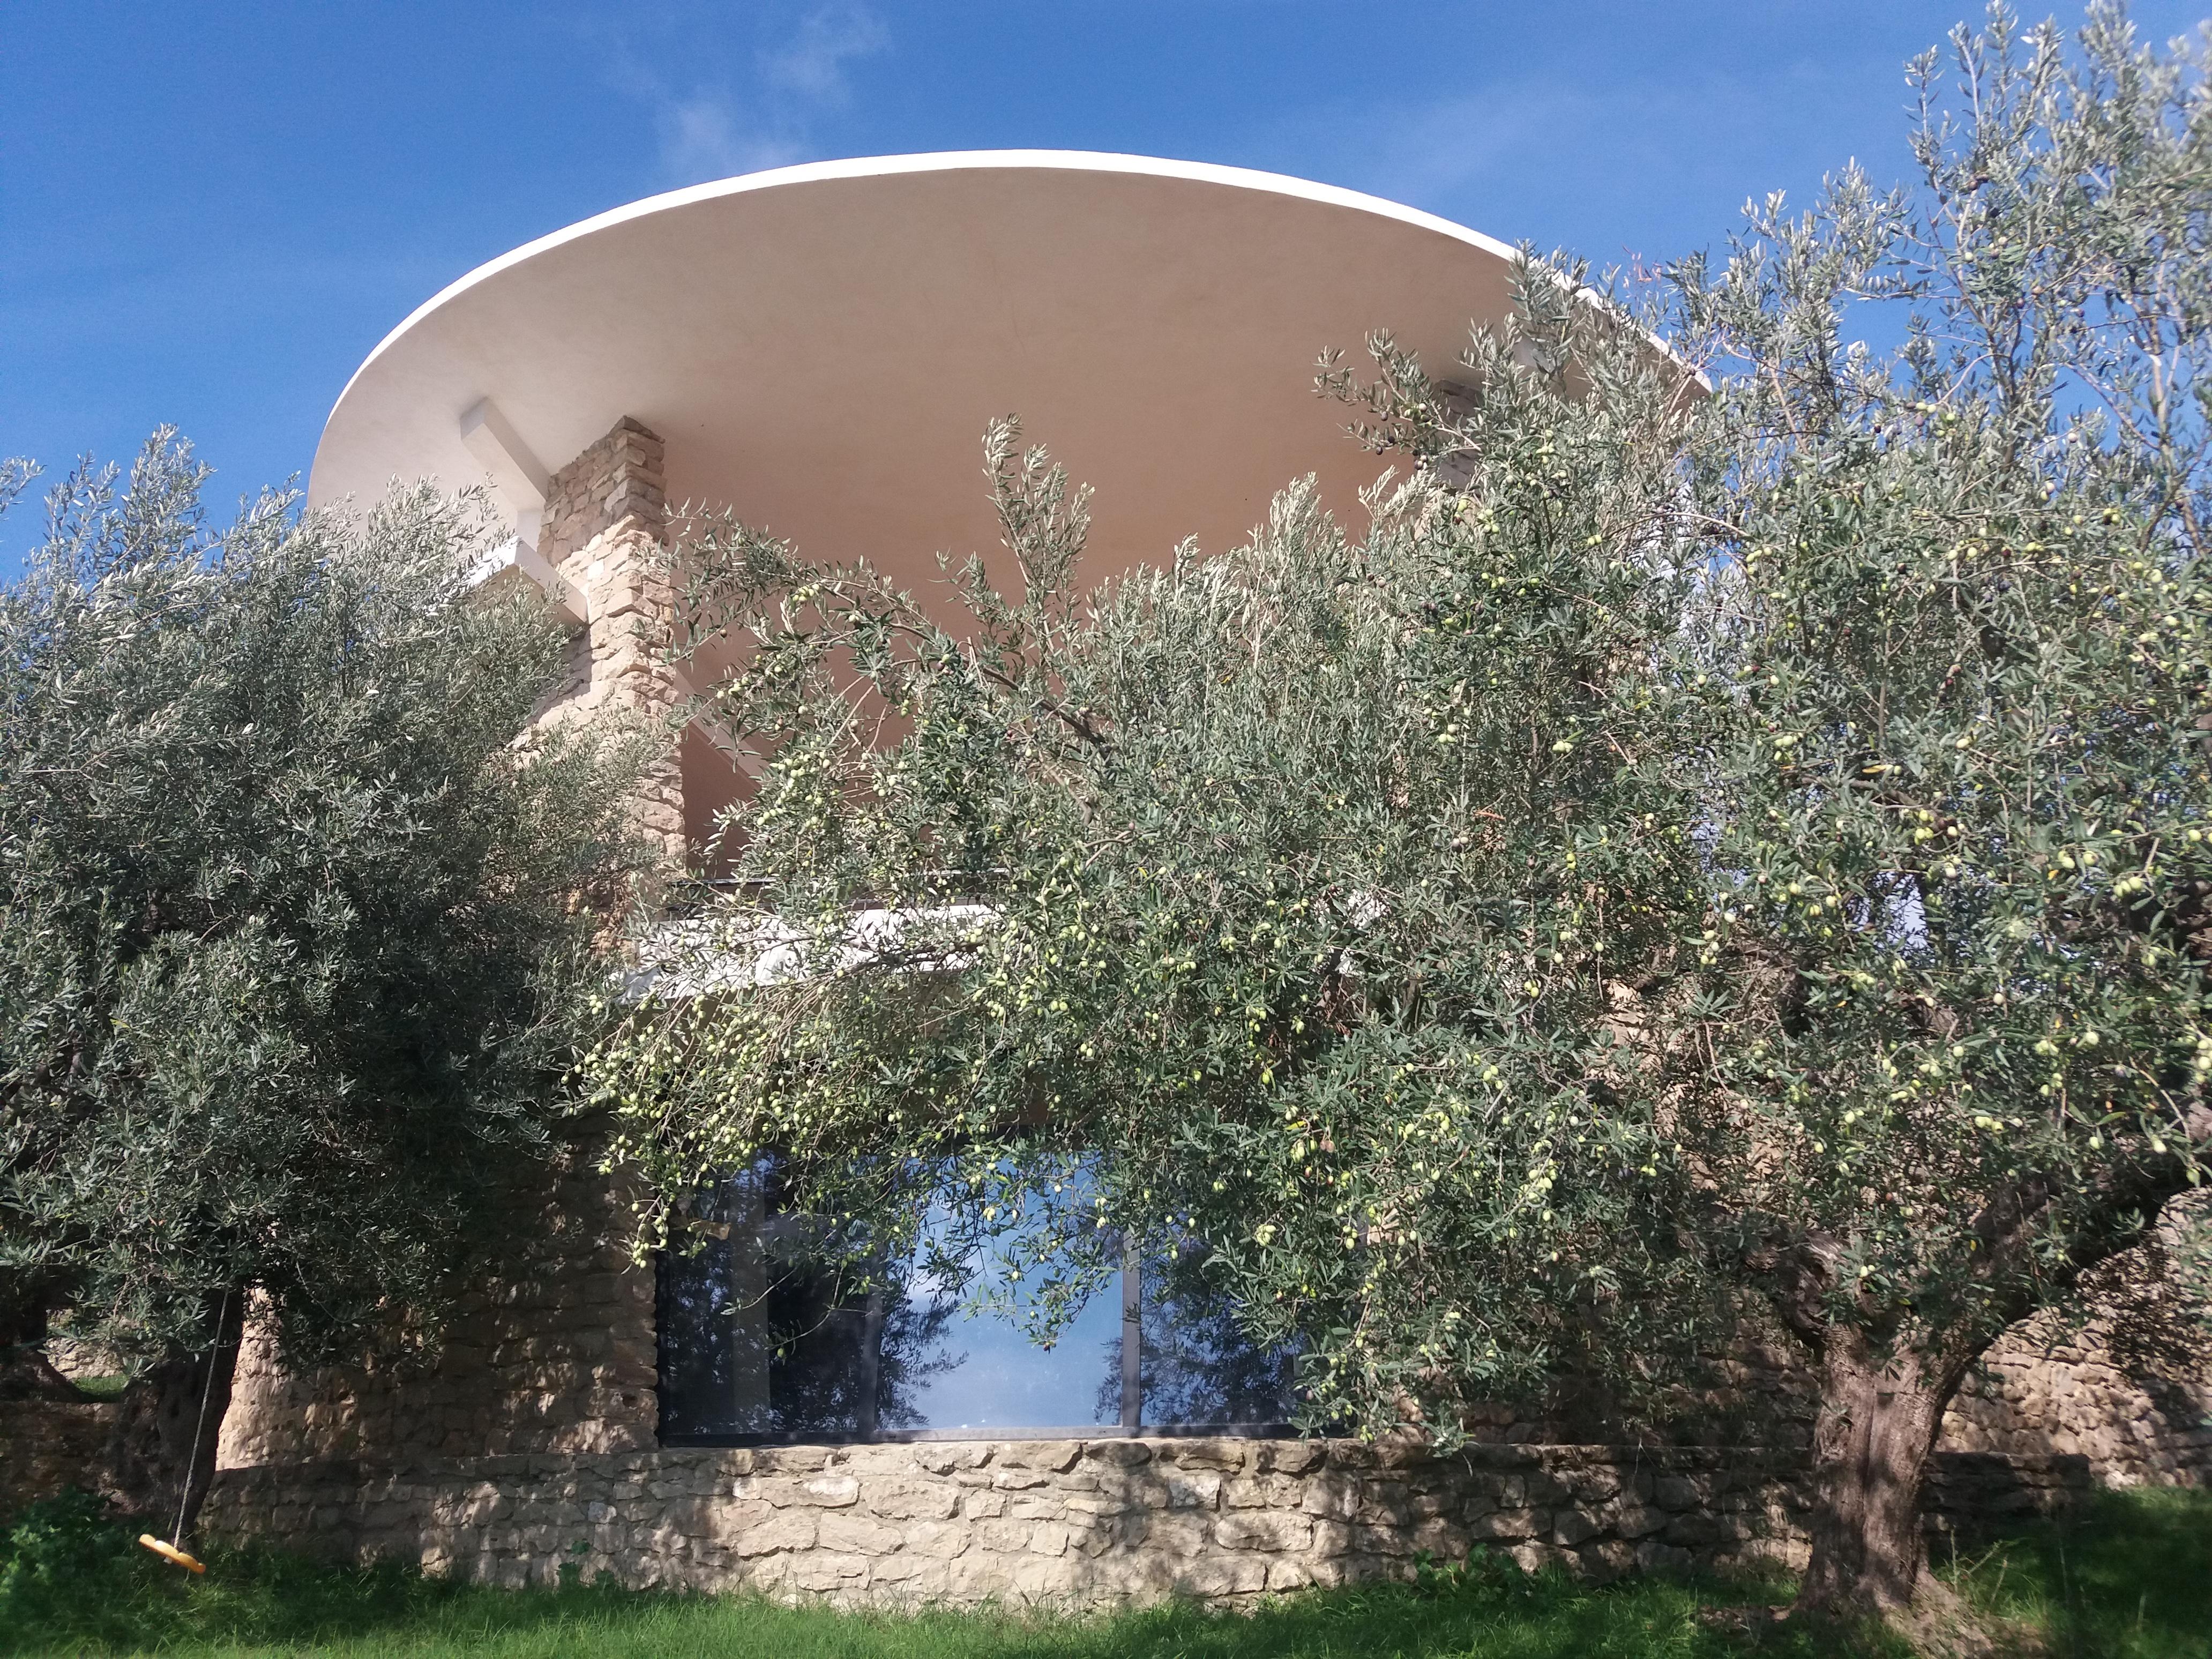 Organische Architektur Evangelischer Kirchenkreis Unterwegs